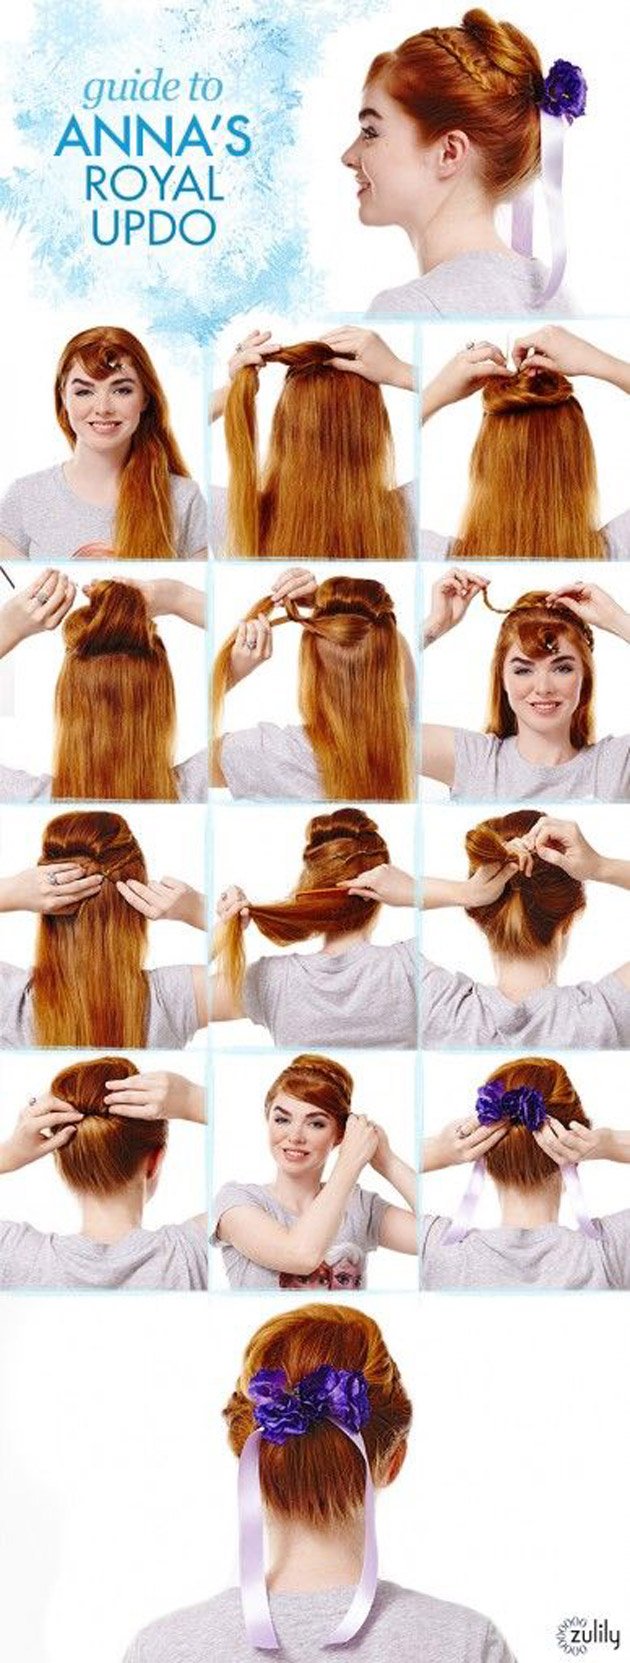 10 truques para um cabelo bonito